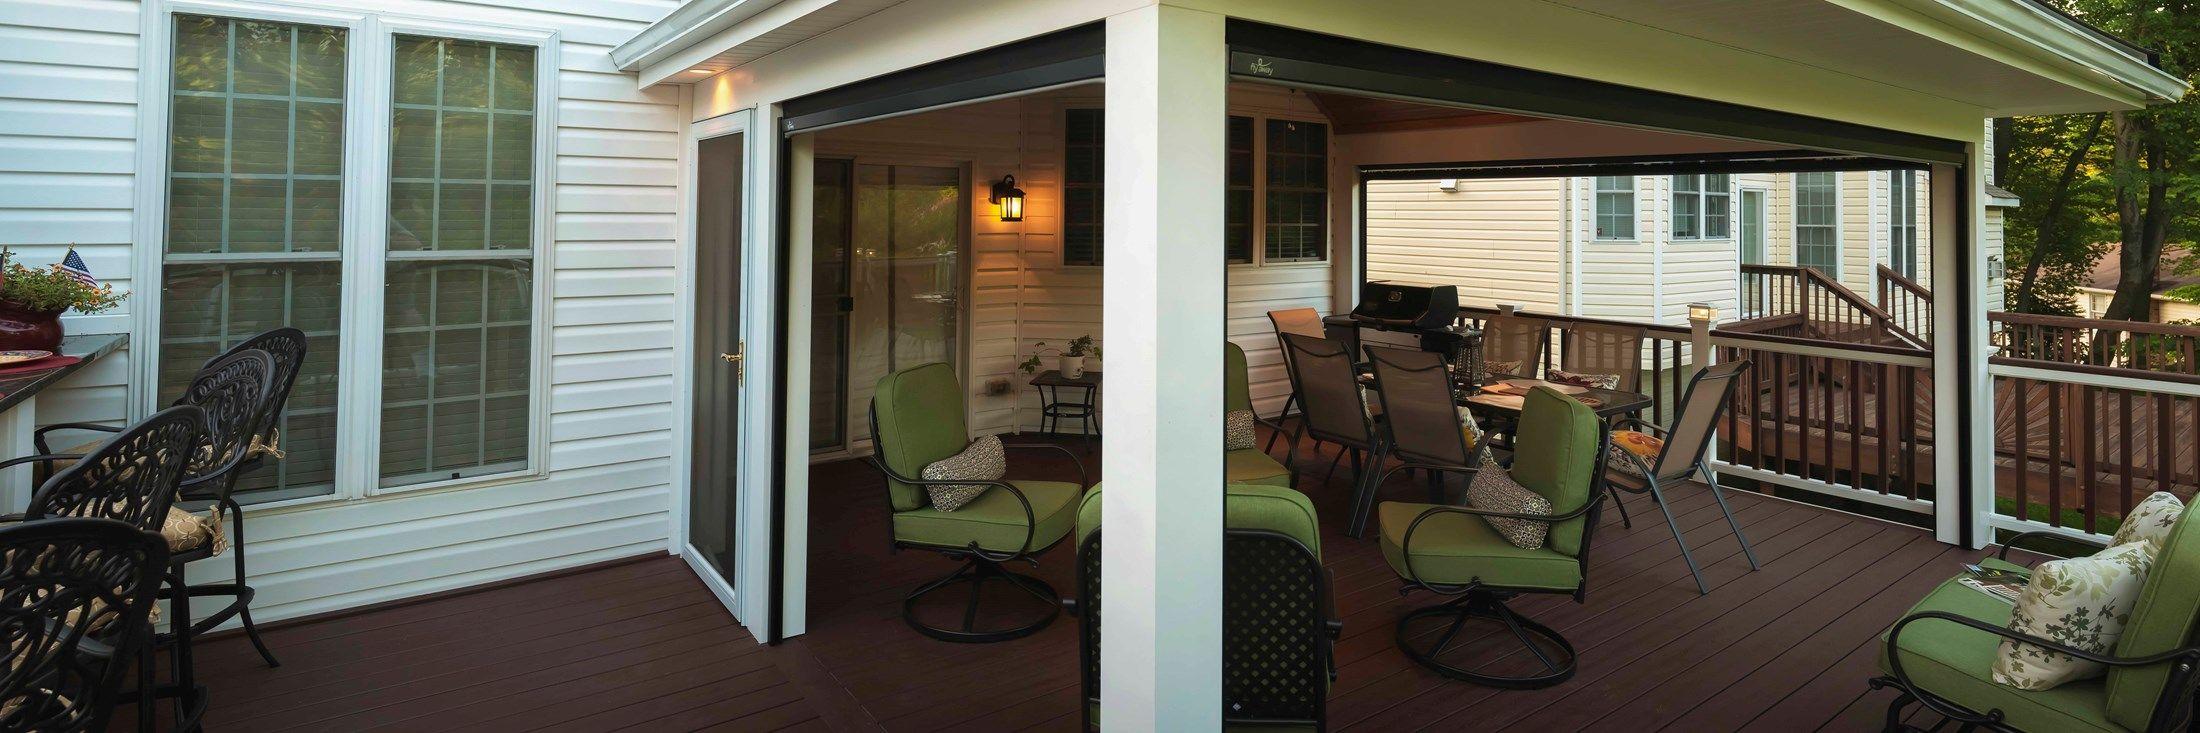 Ellicot City porch - Picture 1362